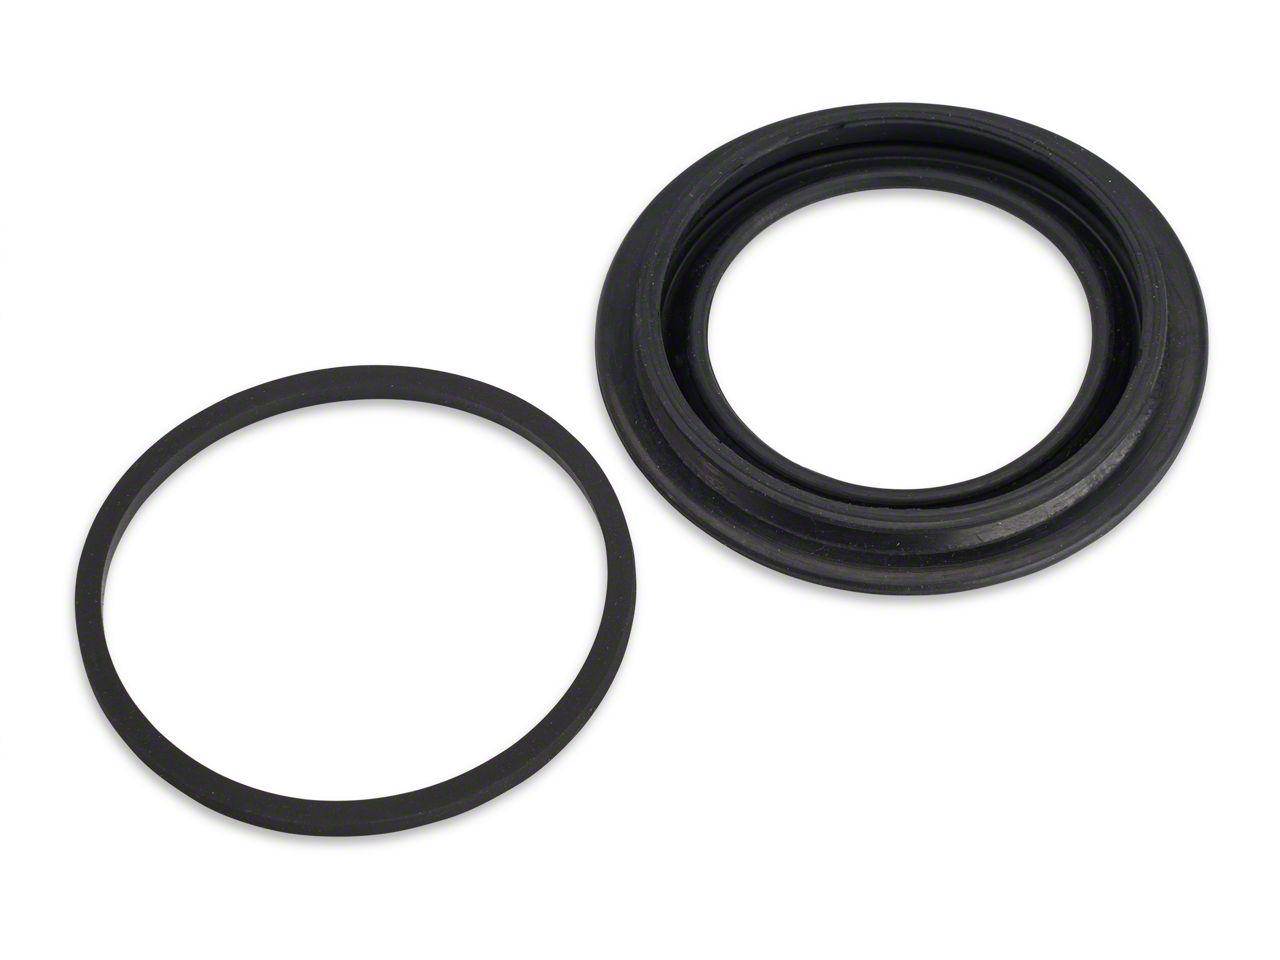 OPR Front Brake Caliper Seal Repair Kit (79-93 All)